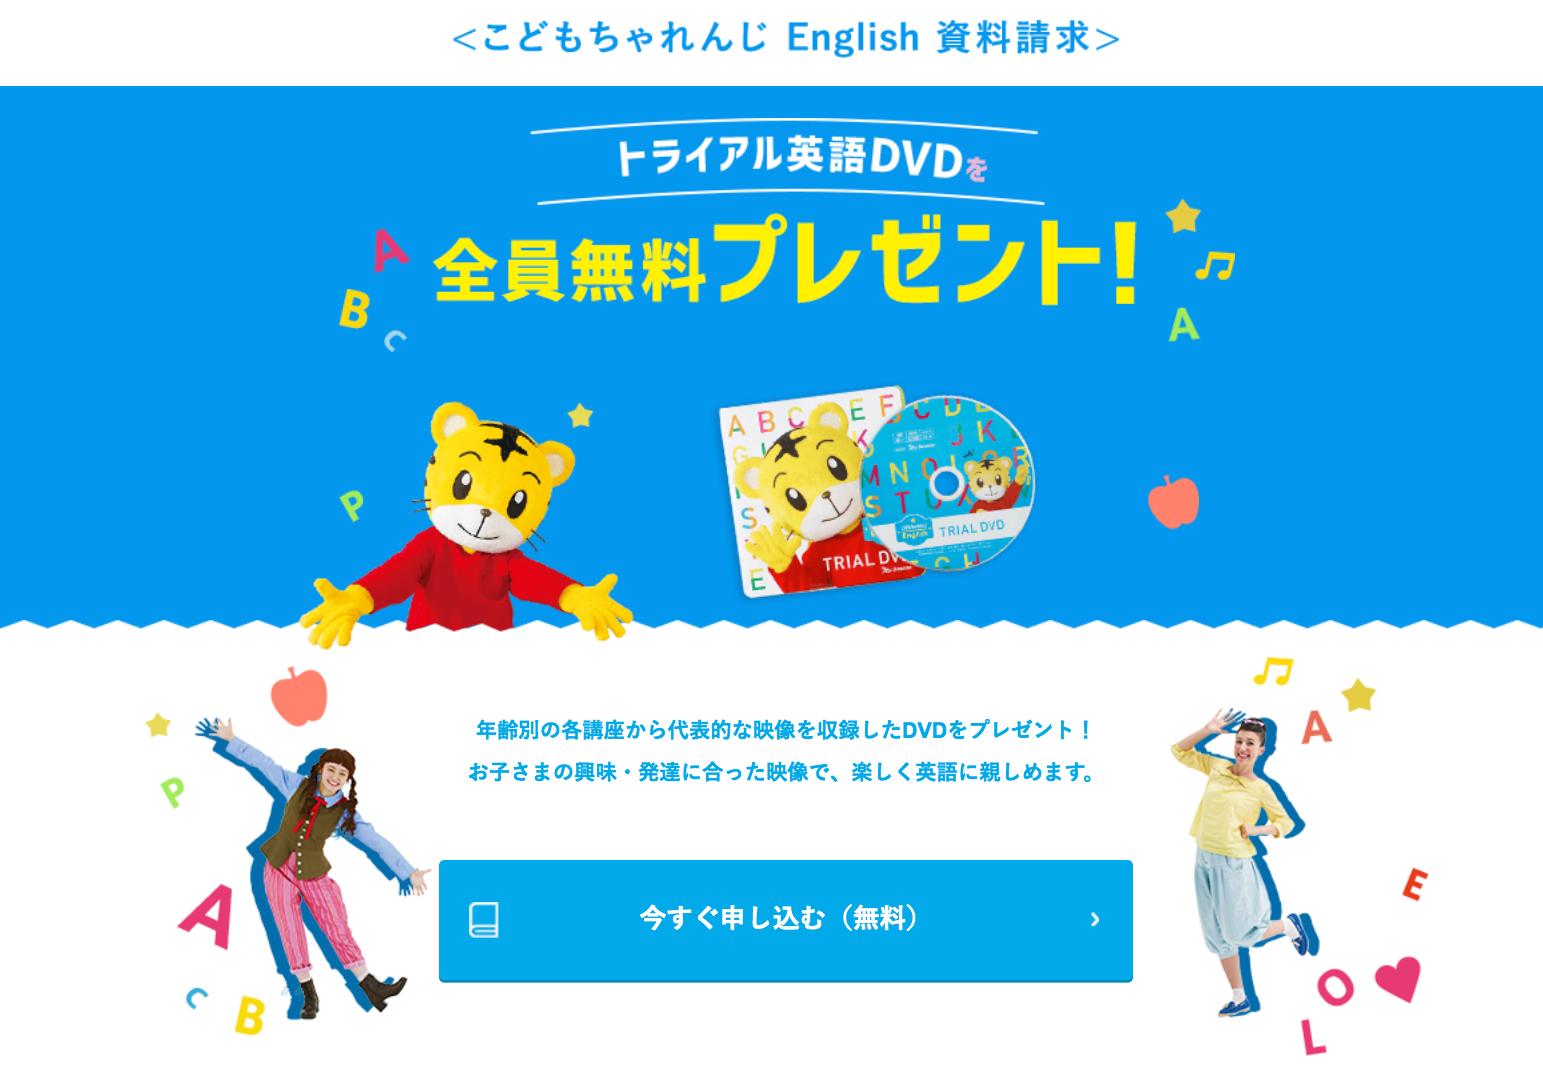 こどもちゃれんじEnglish 幼児 英語 資料請求3